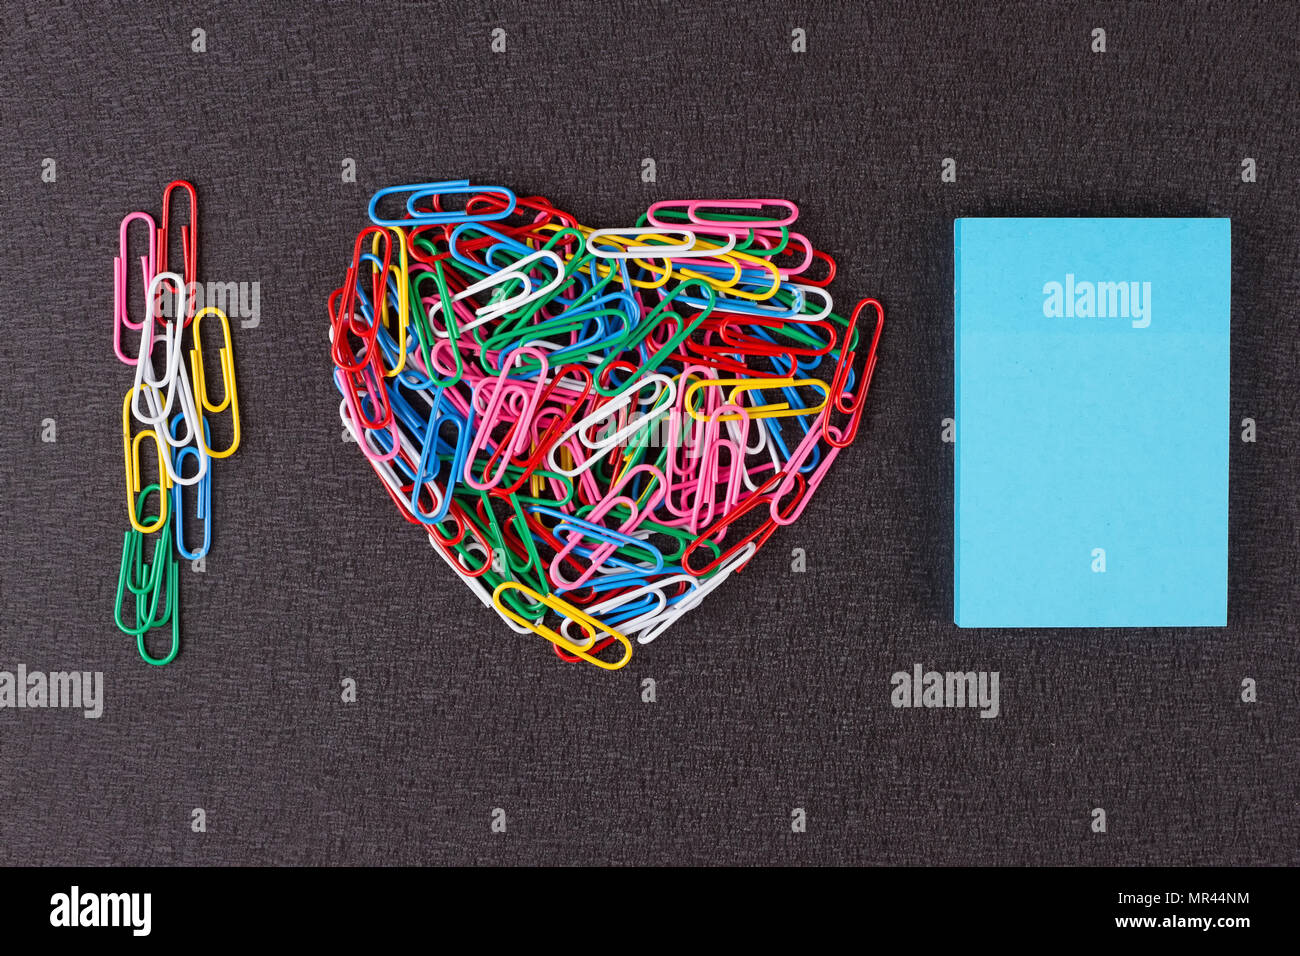 Variété de trombones de couleurs disposées en forme de coeur sur fond noir. Photo Stock